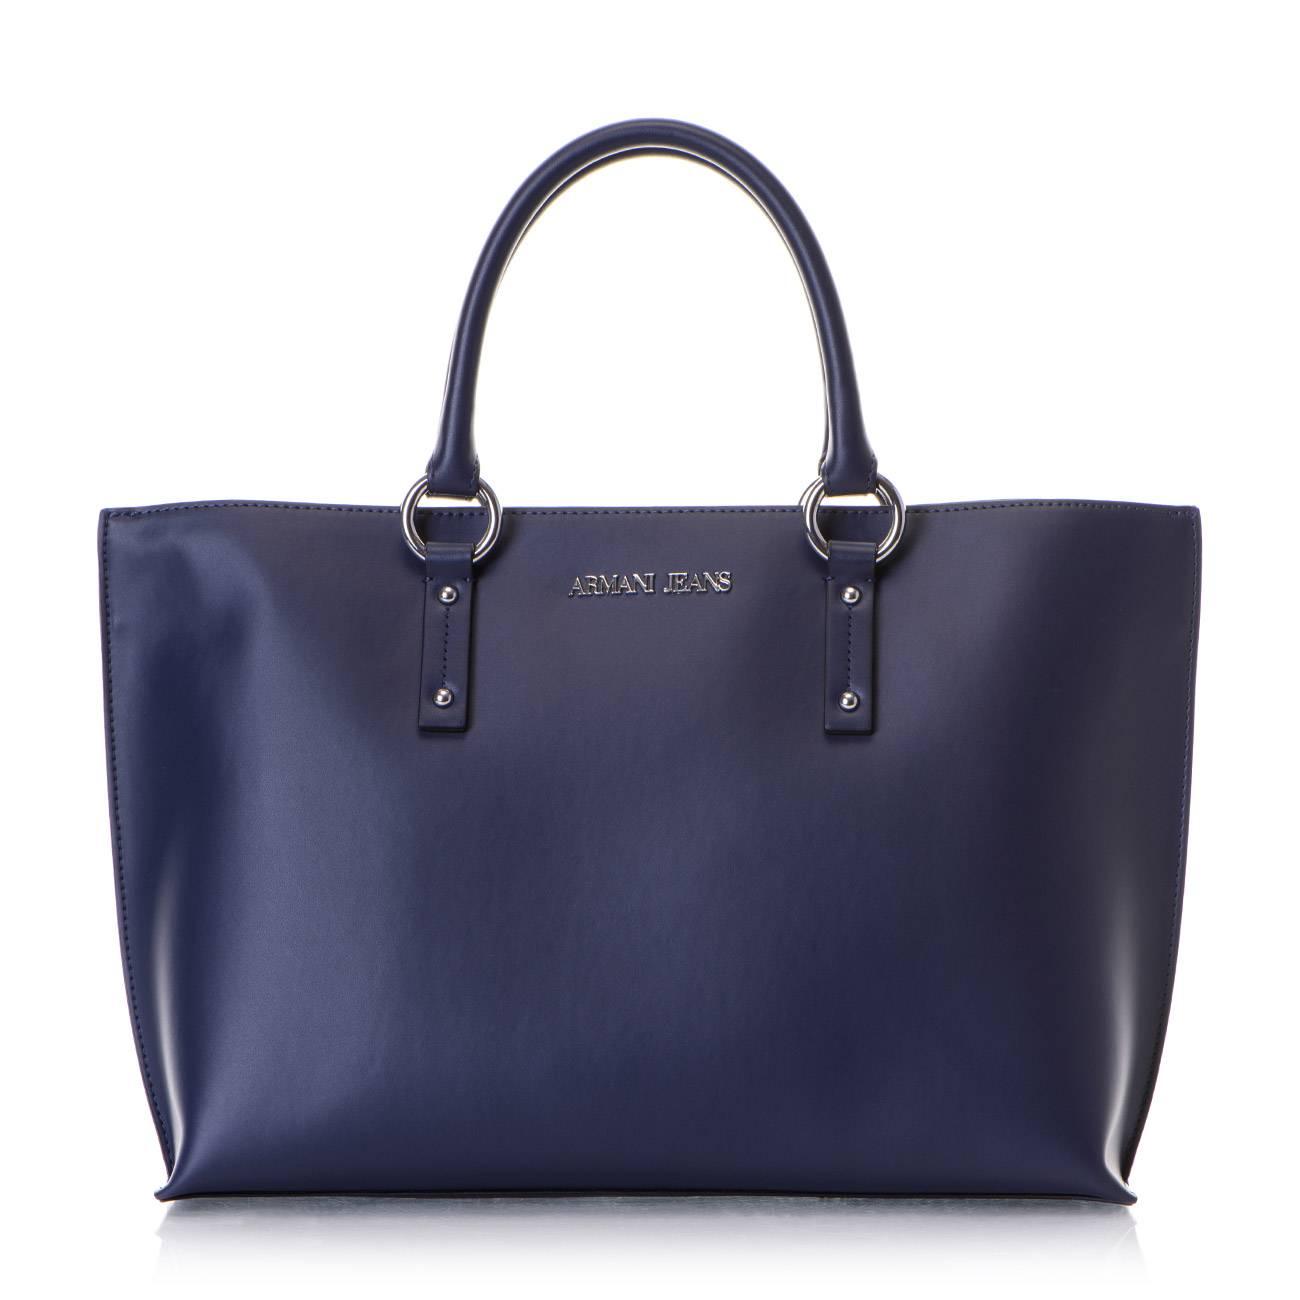 NOTTE SHOULDER BAG